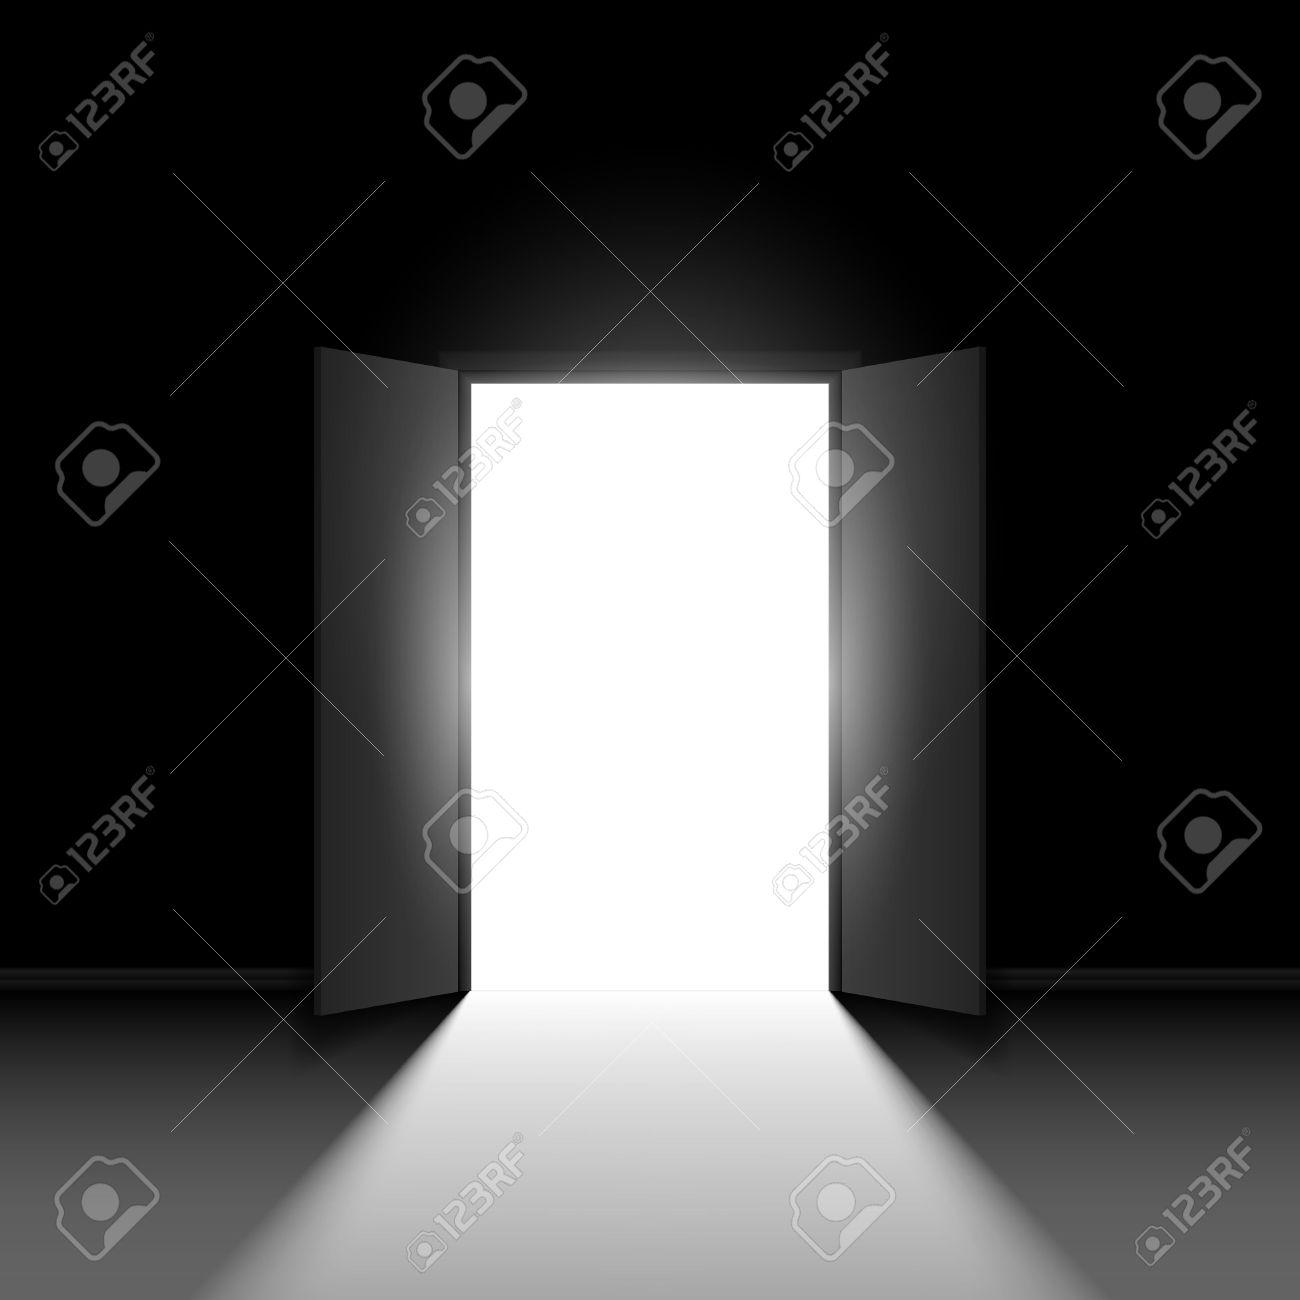 Double door clipart - Double Door Double Open Door Illustration On Black Background